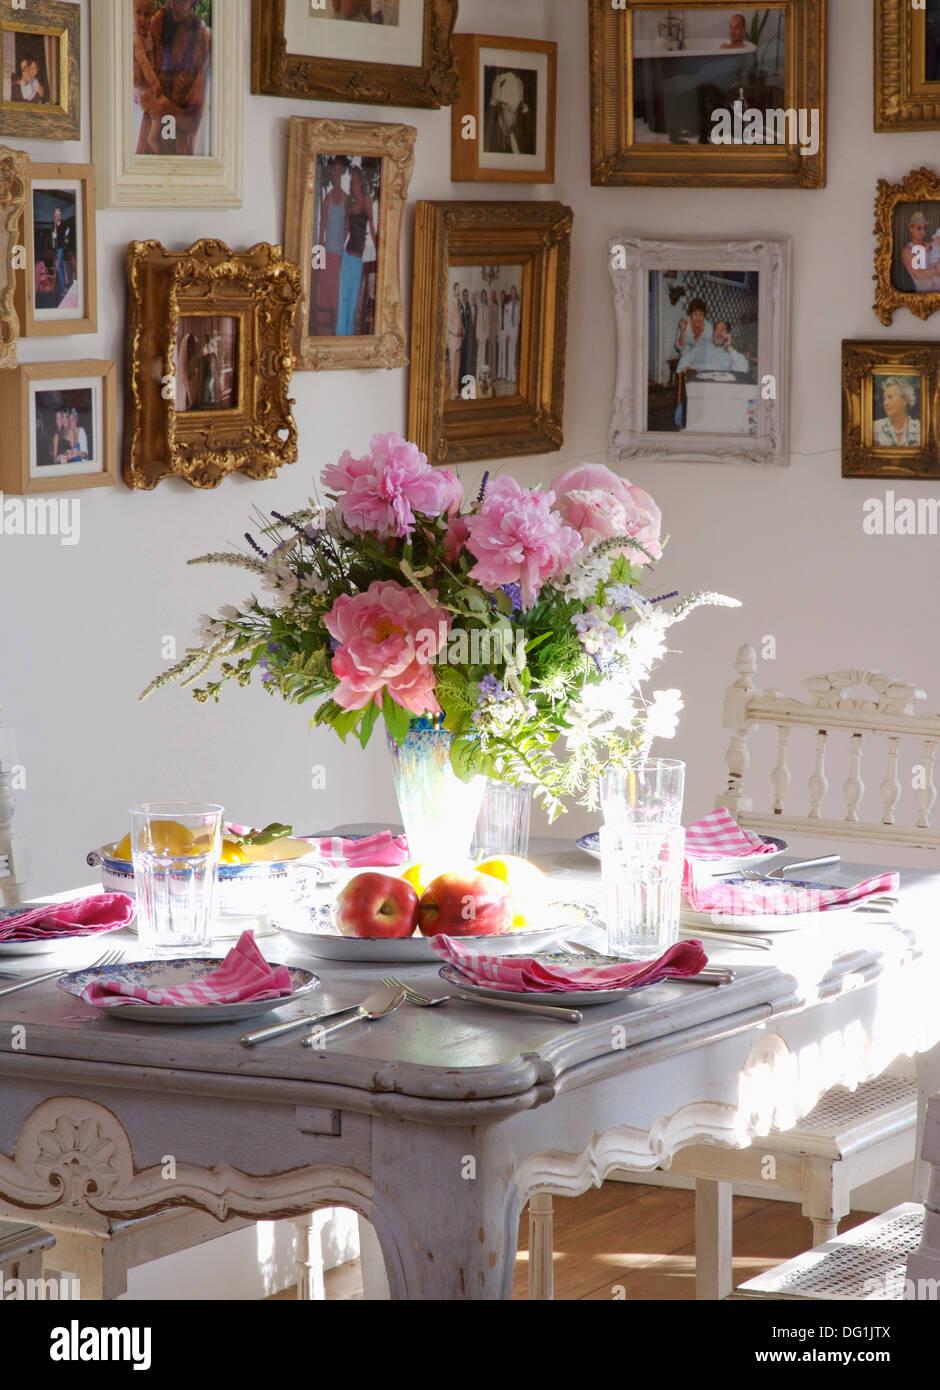 Esszimmer Mit Vase Mit Rosa Rosen Und Laub Auf Grau Lackierte Tisch